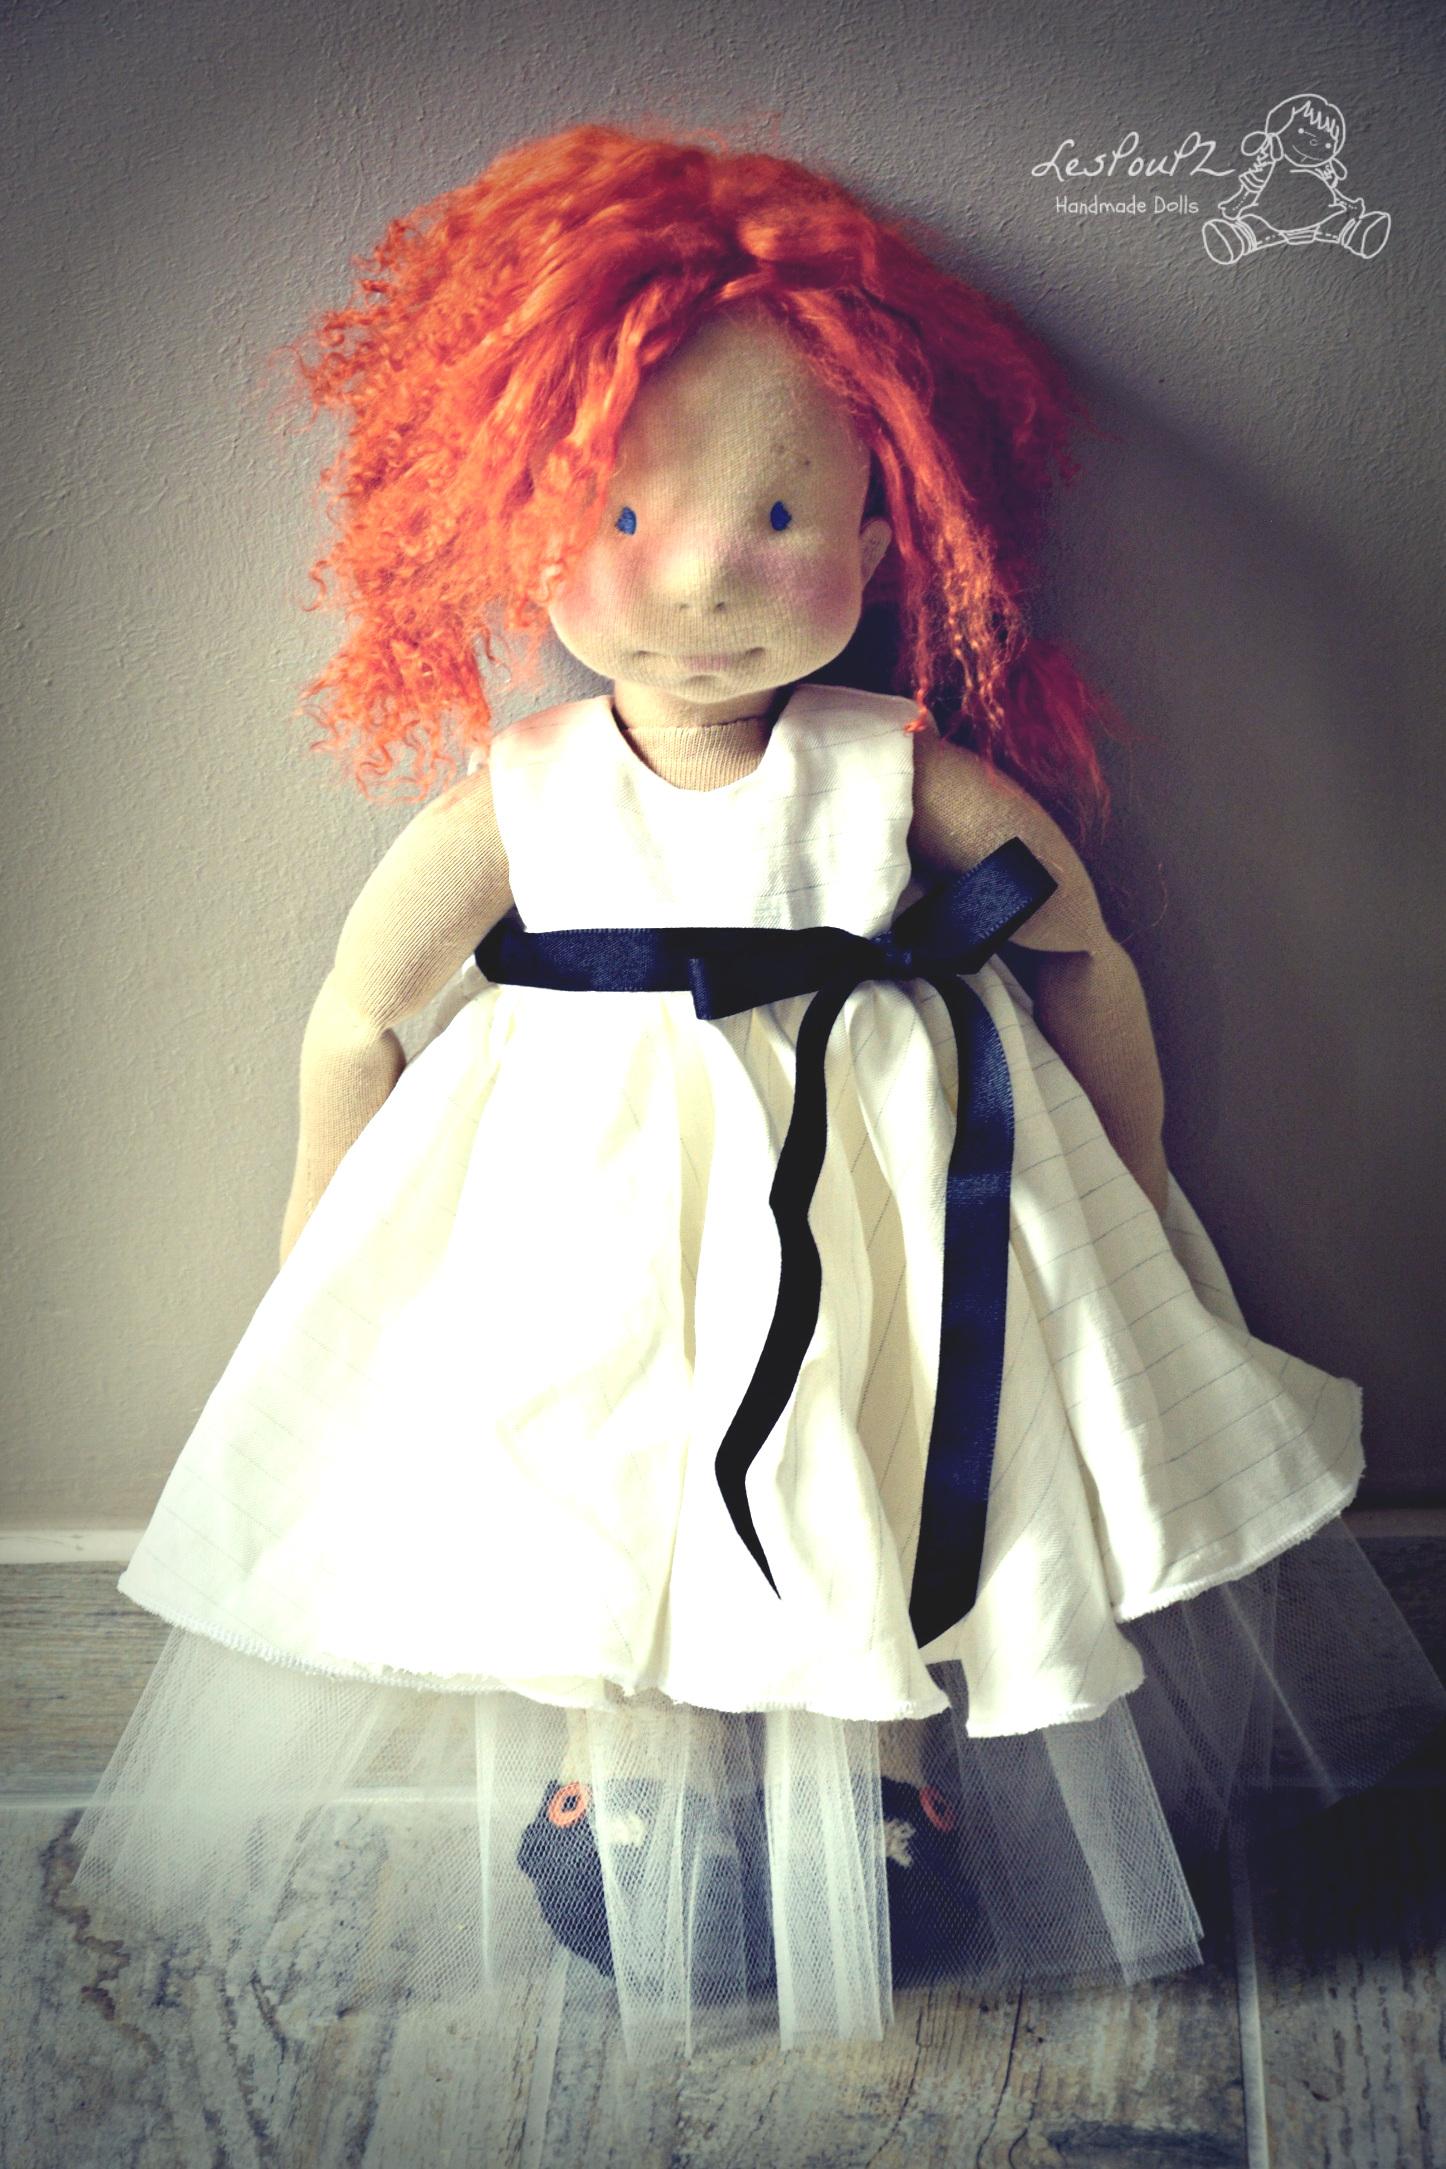 Zélie in her beautiful romantic twirl dress